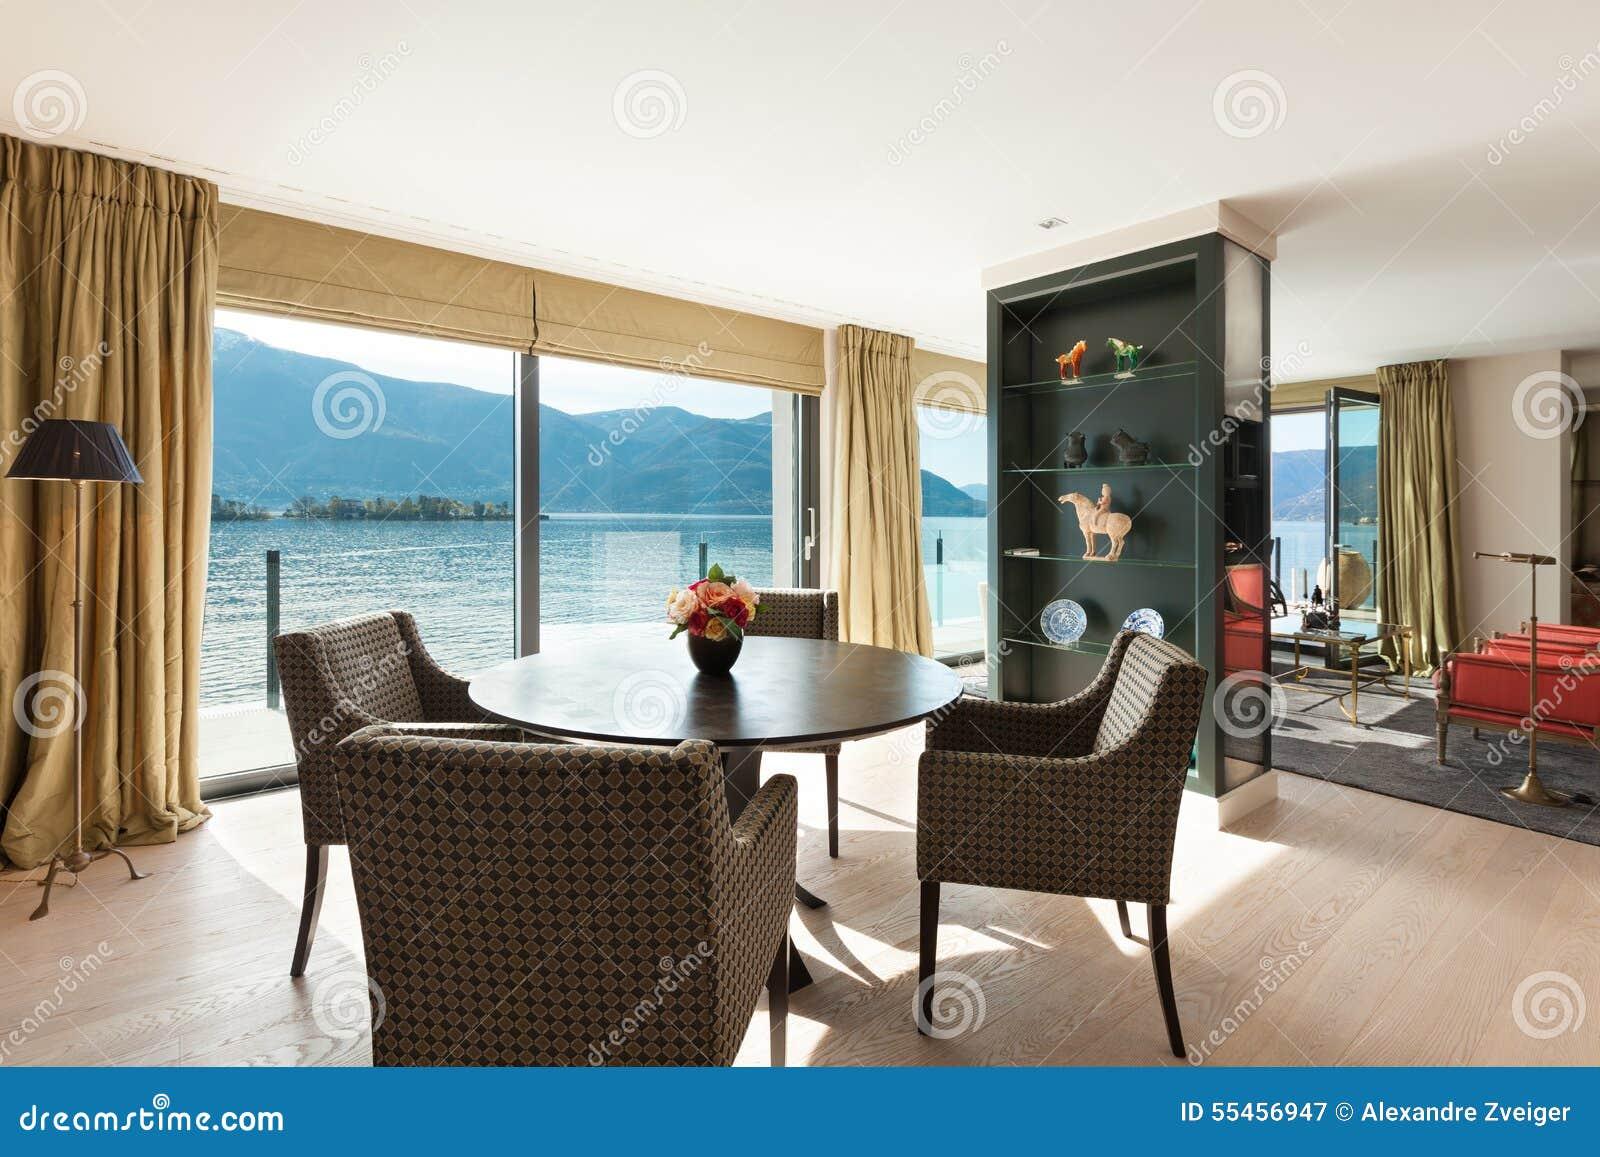 Schöne Esszimmer | Innenraum Schones Esszimmer Stockbild Bild Von Luxus Innen 55456947